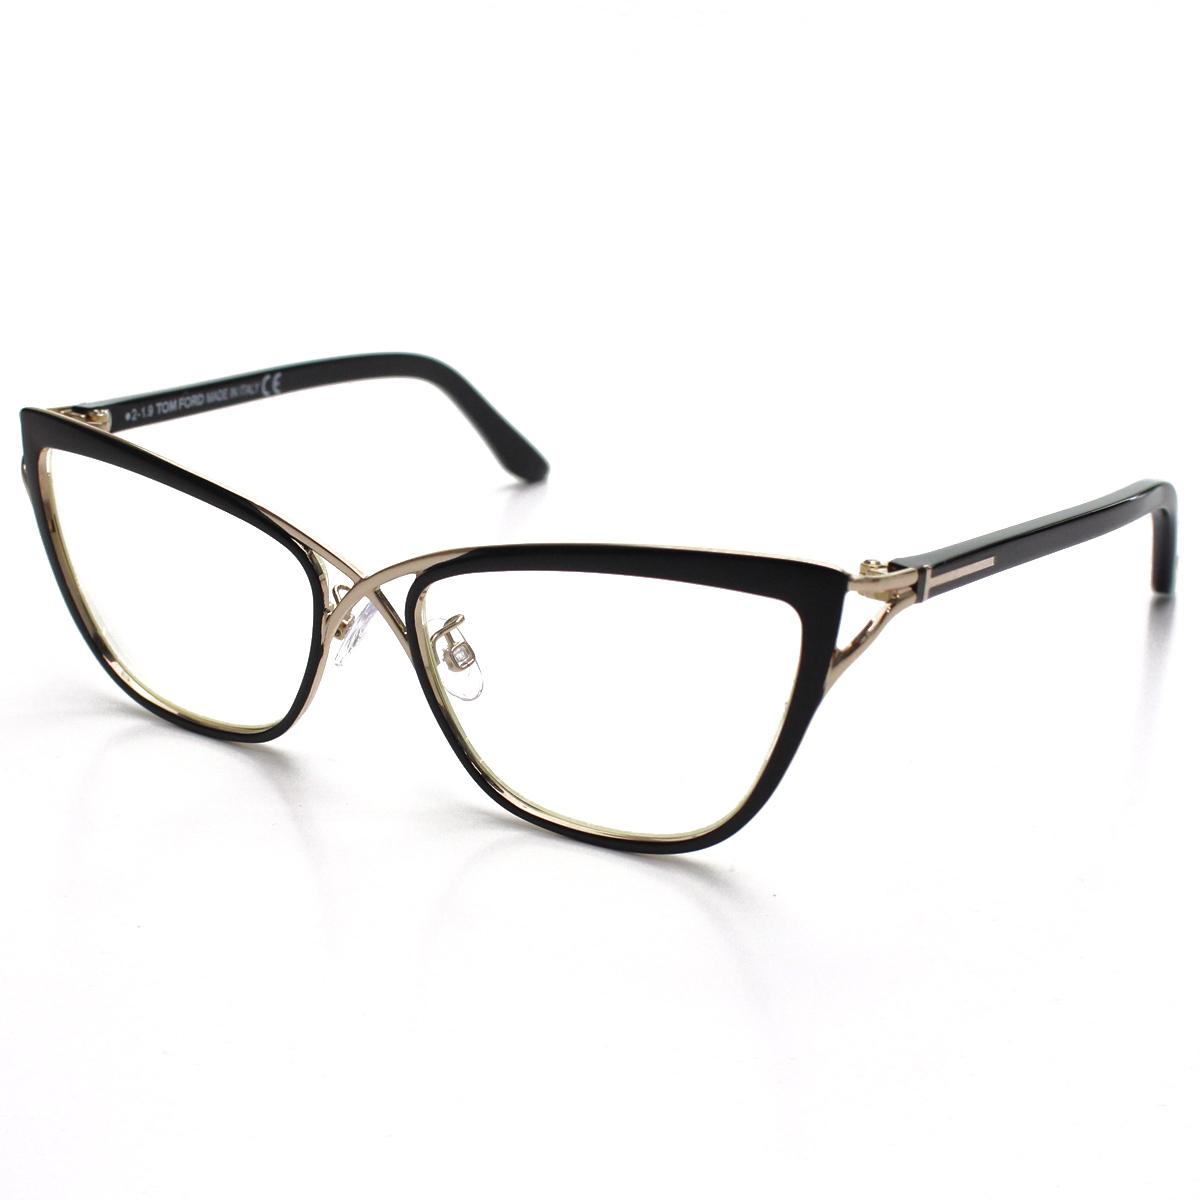 トム フォード TOM FORD バタフライ型 ダテ眼鏡 メガネフレーム TF5272 005 メンズ レディース